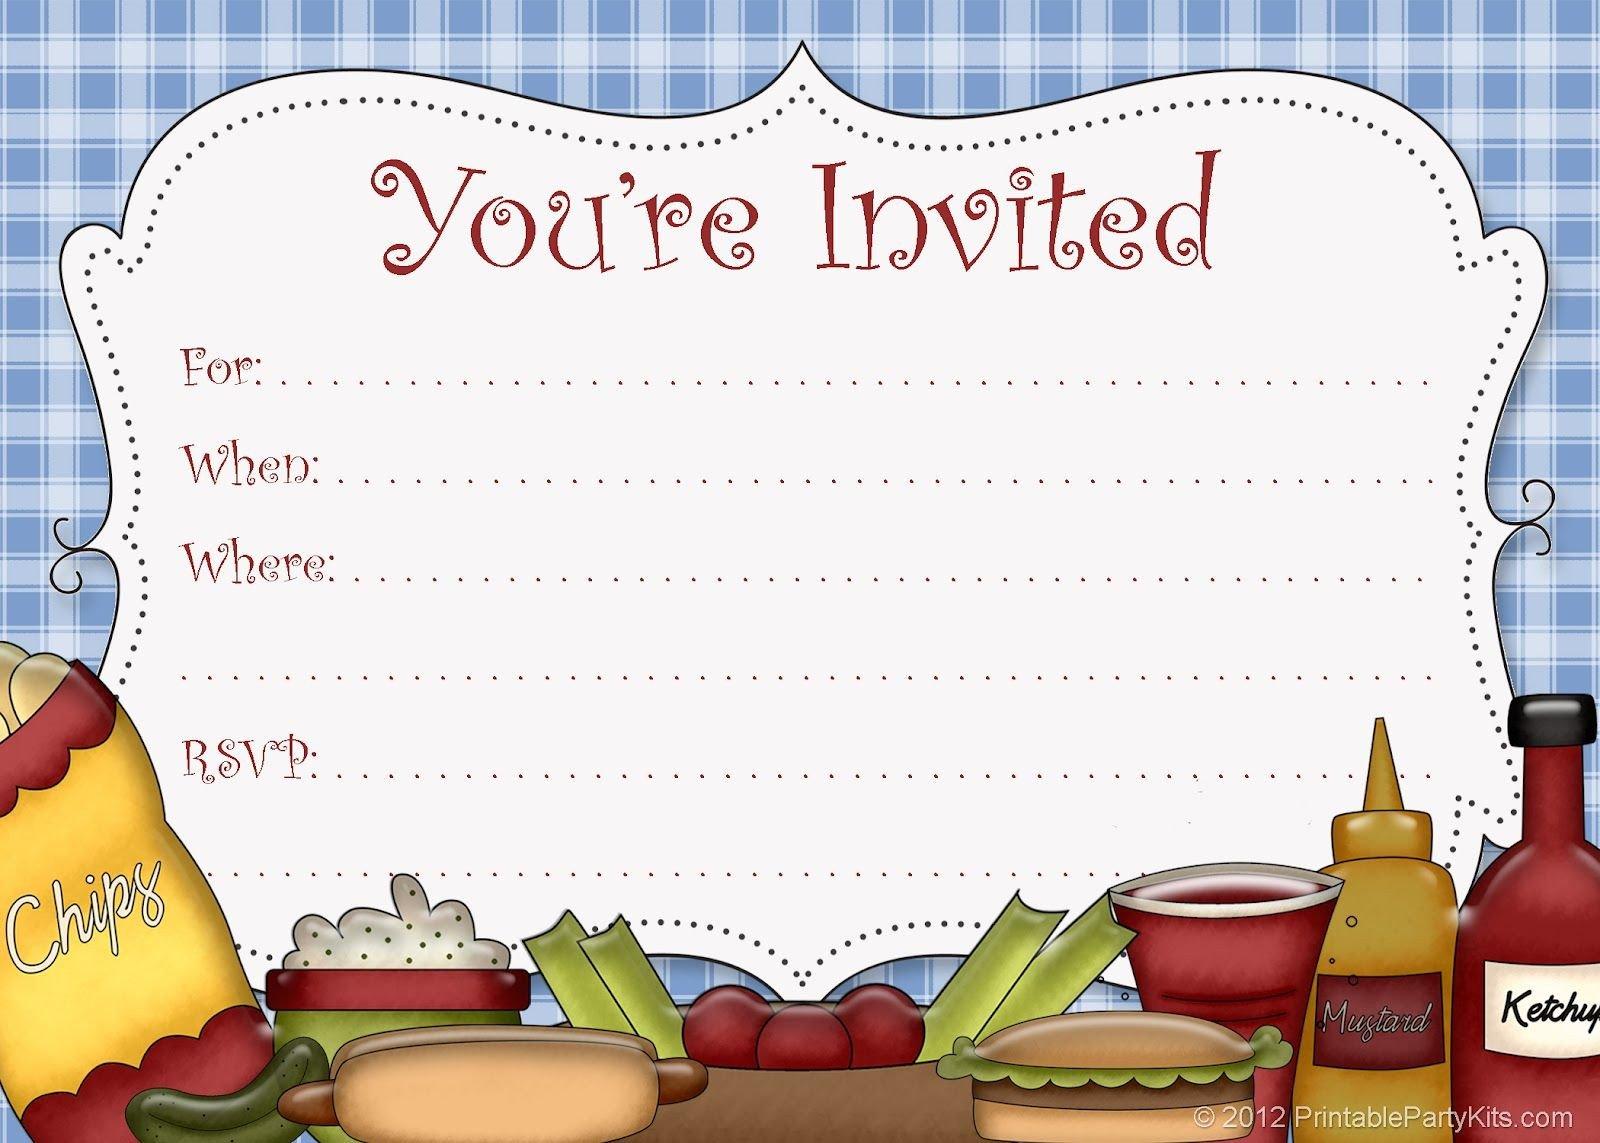 Free Downloadable Picnic Invitation Template Free Printable Party Invitations Free Printable Picnic